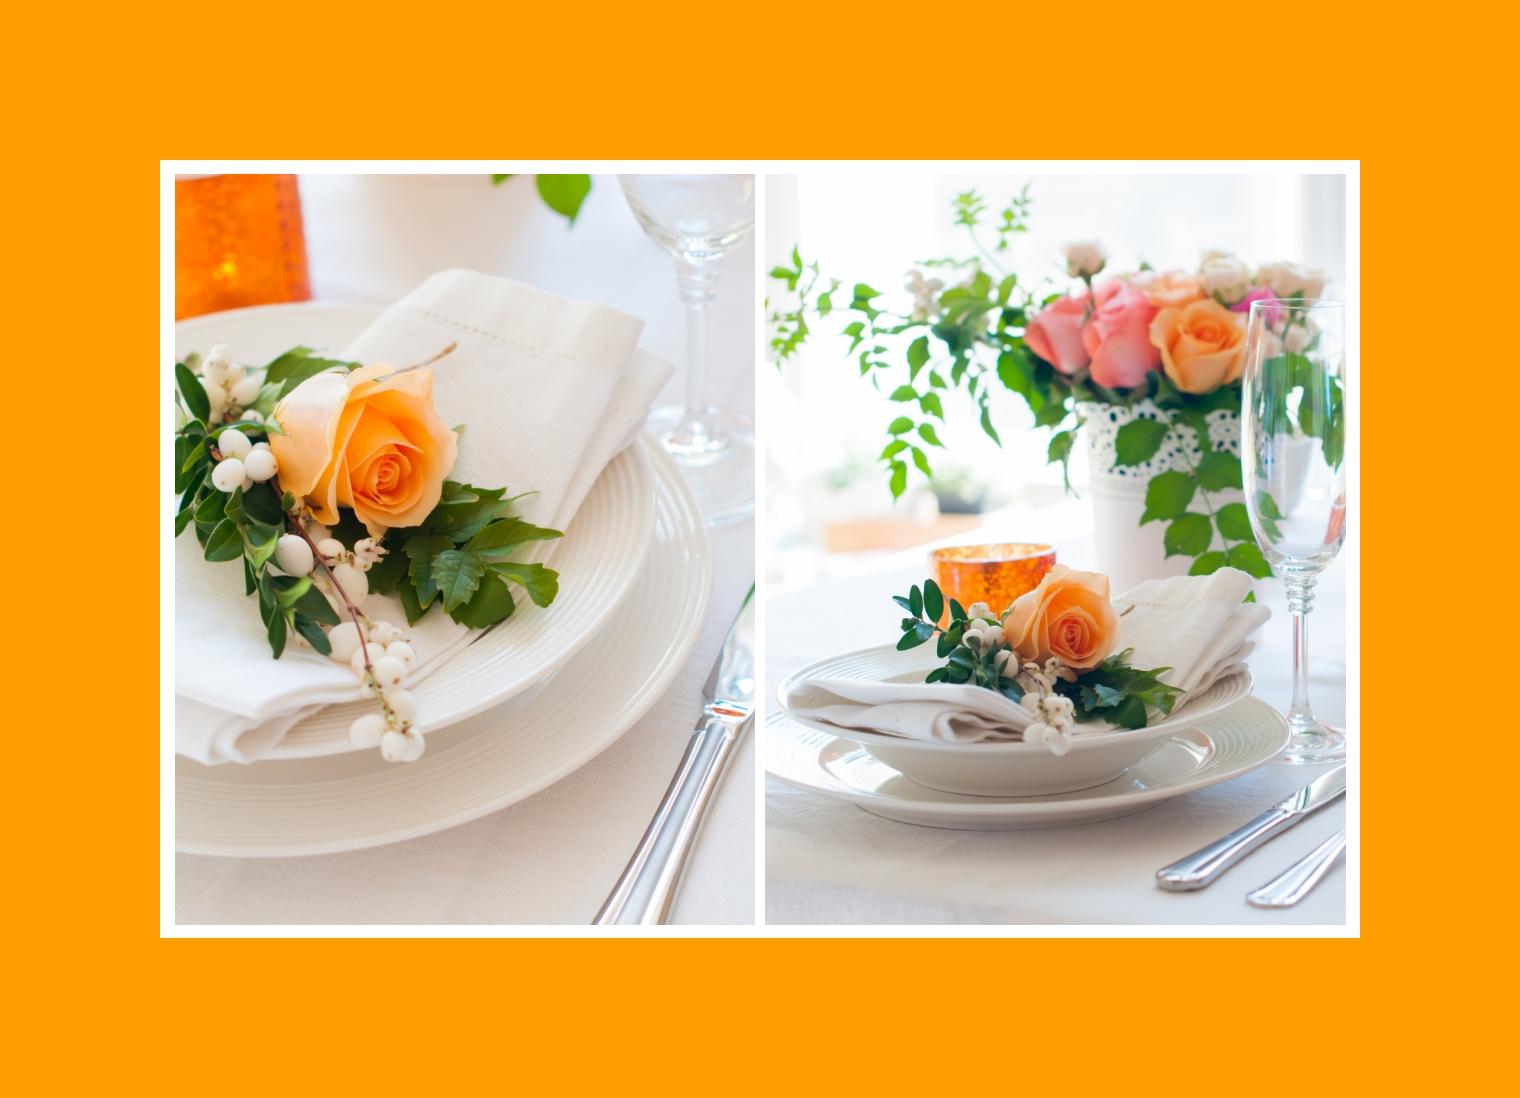 Servietten mit Blumendeko Hochzeit Tisch